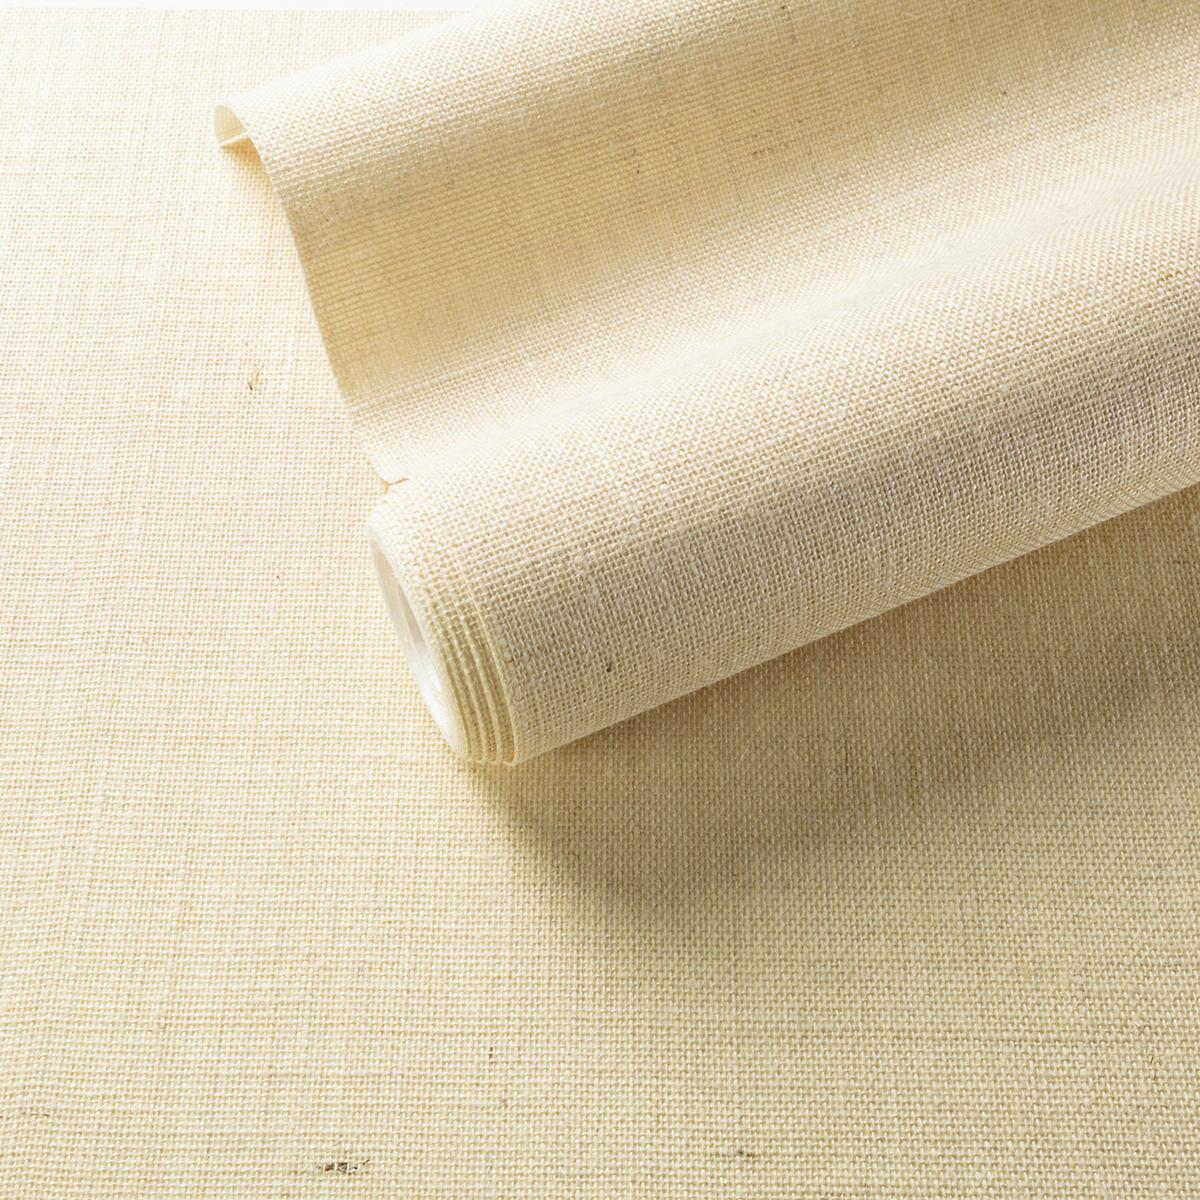 Bali Linen Wallpaper